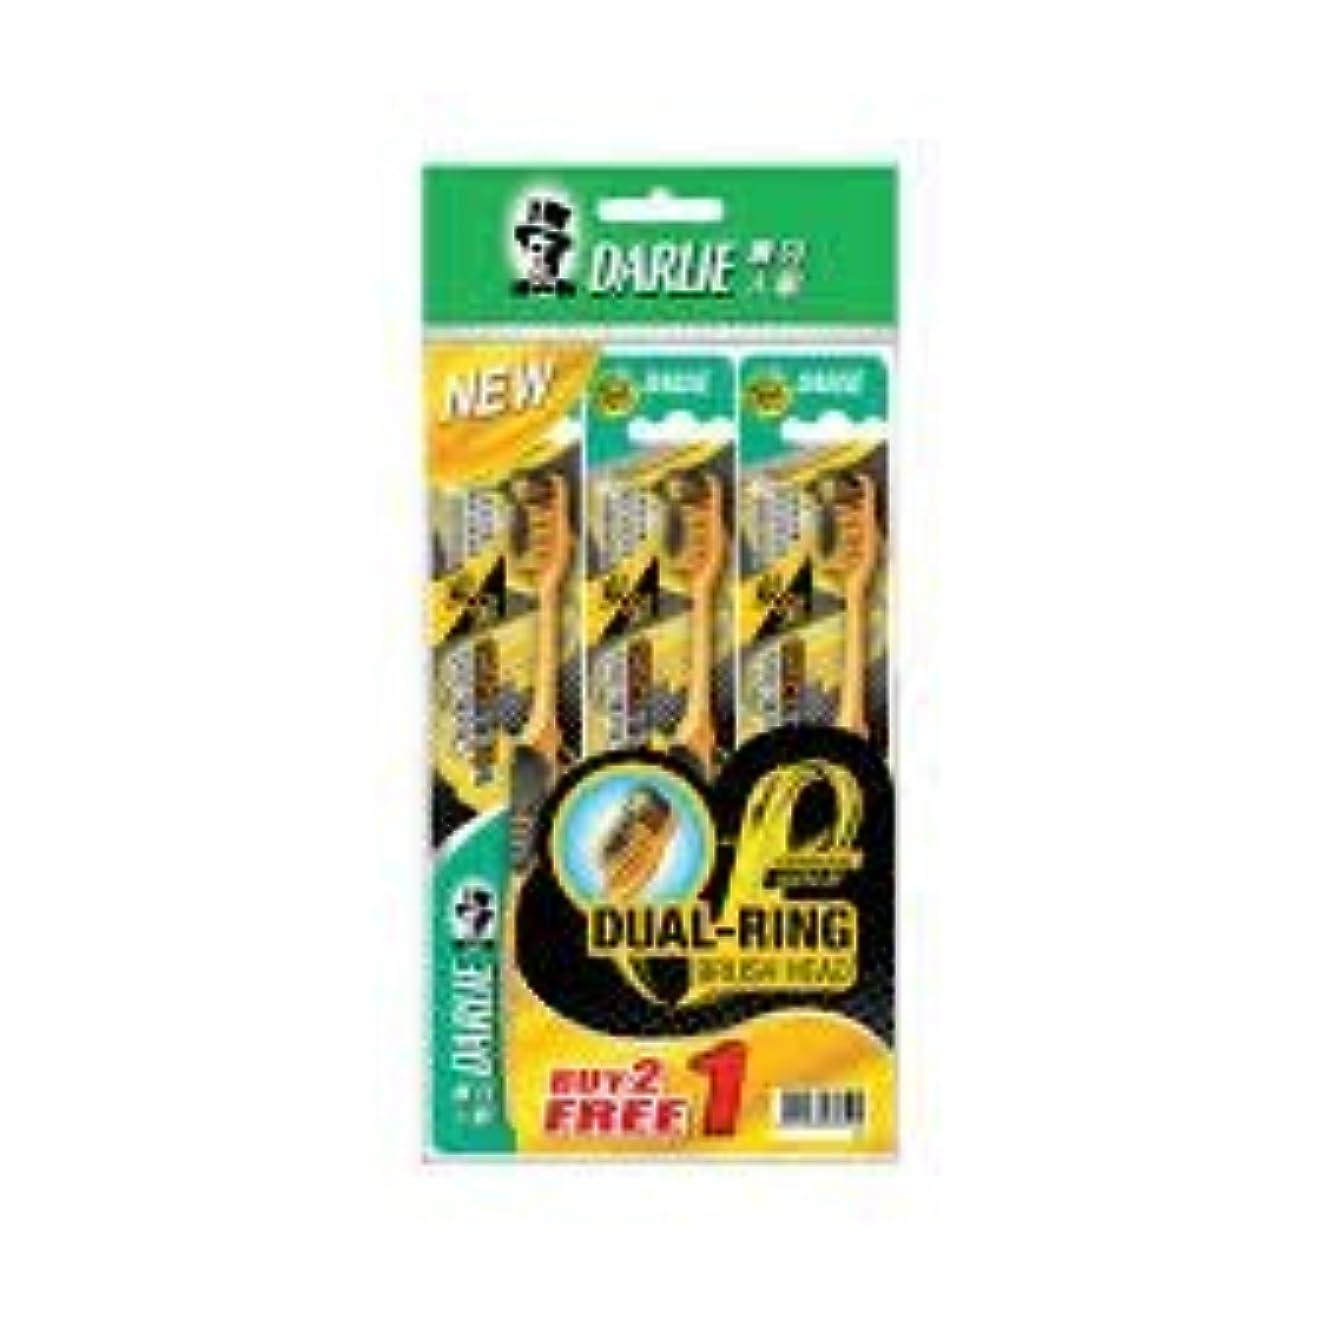 ふりをする品レビュアーDARLIE 炭の歯ブラシb2f1 - ビス - ヘッドデザイン、深いクリーニングとプラークの蓄積を防止する押えリング